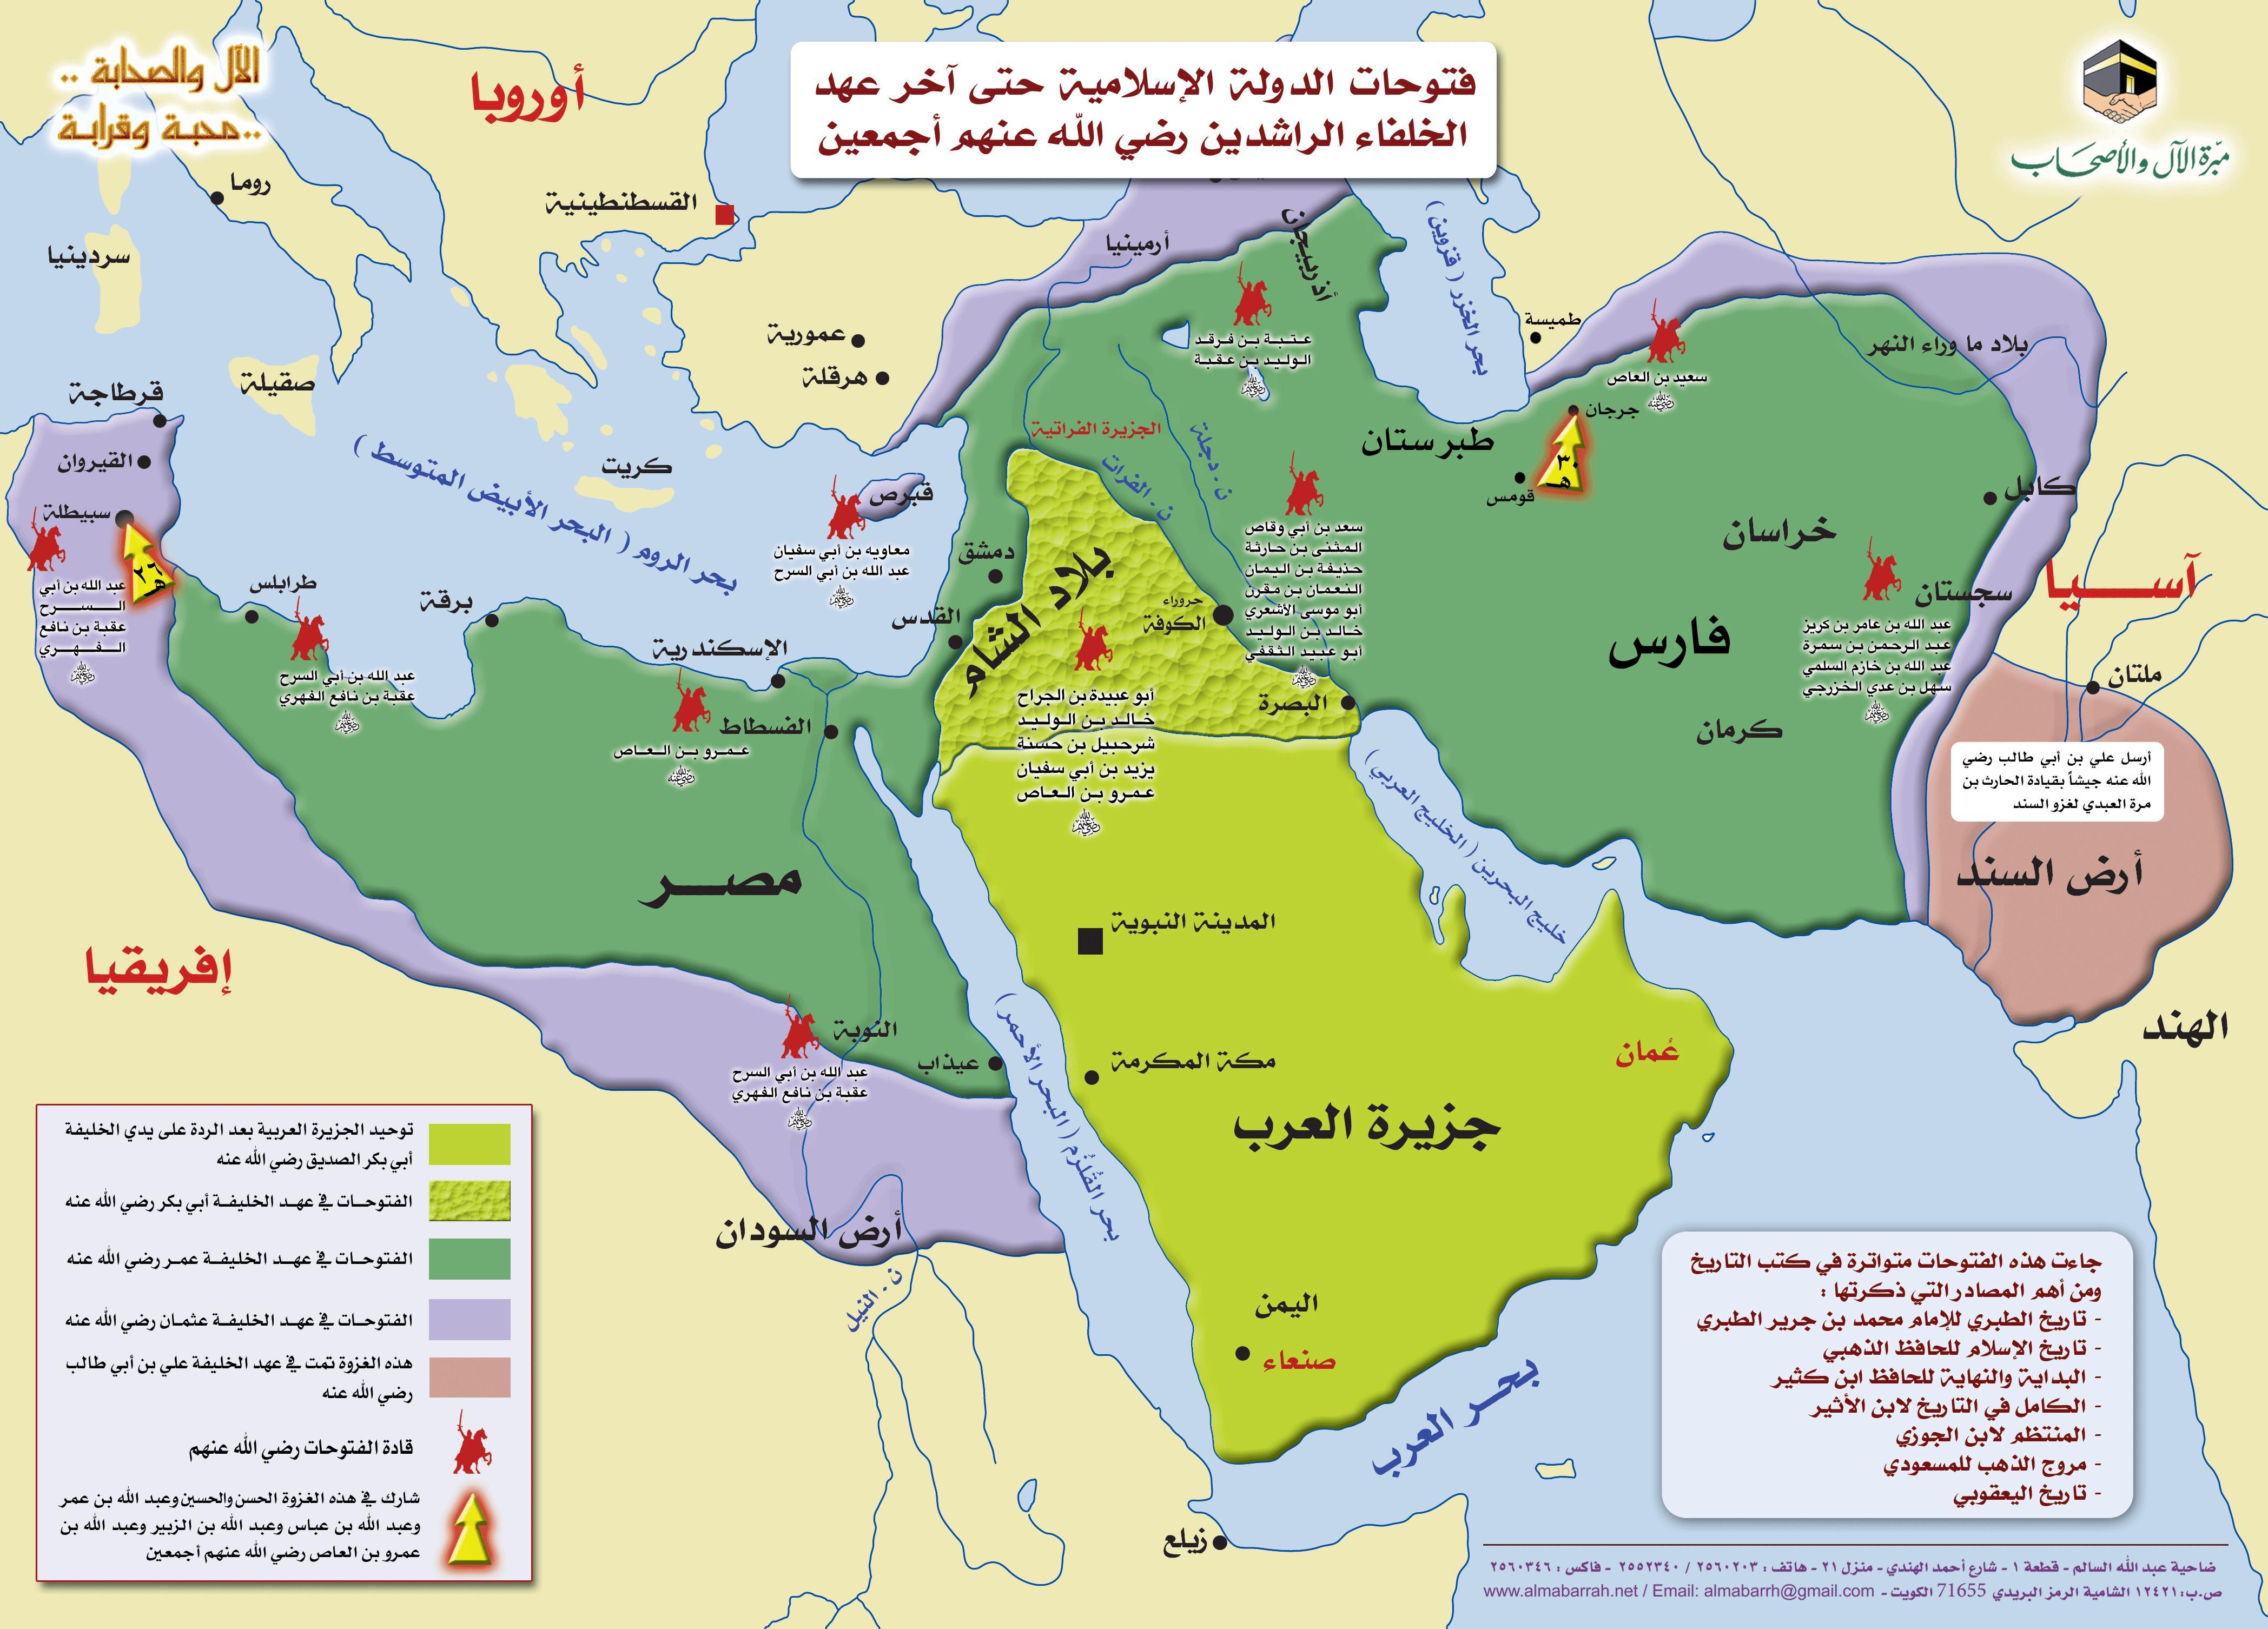 خريطة الفتوحات الاسلامية المرسال